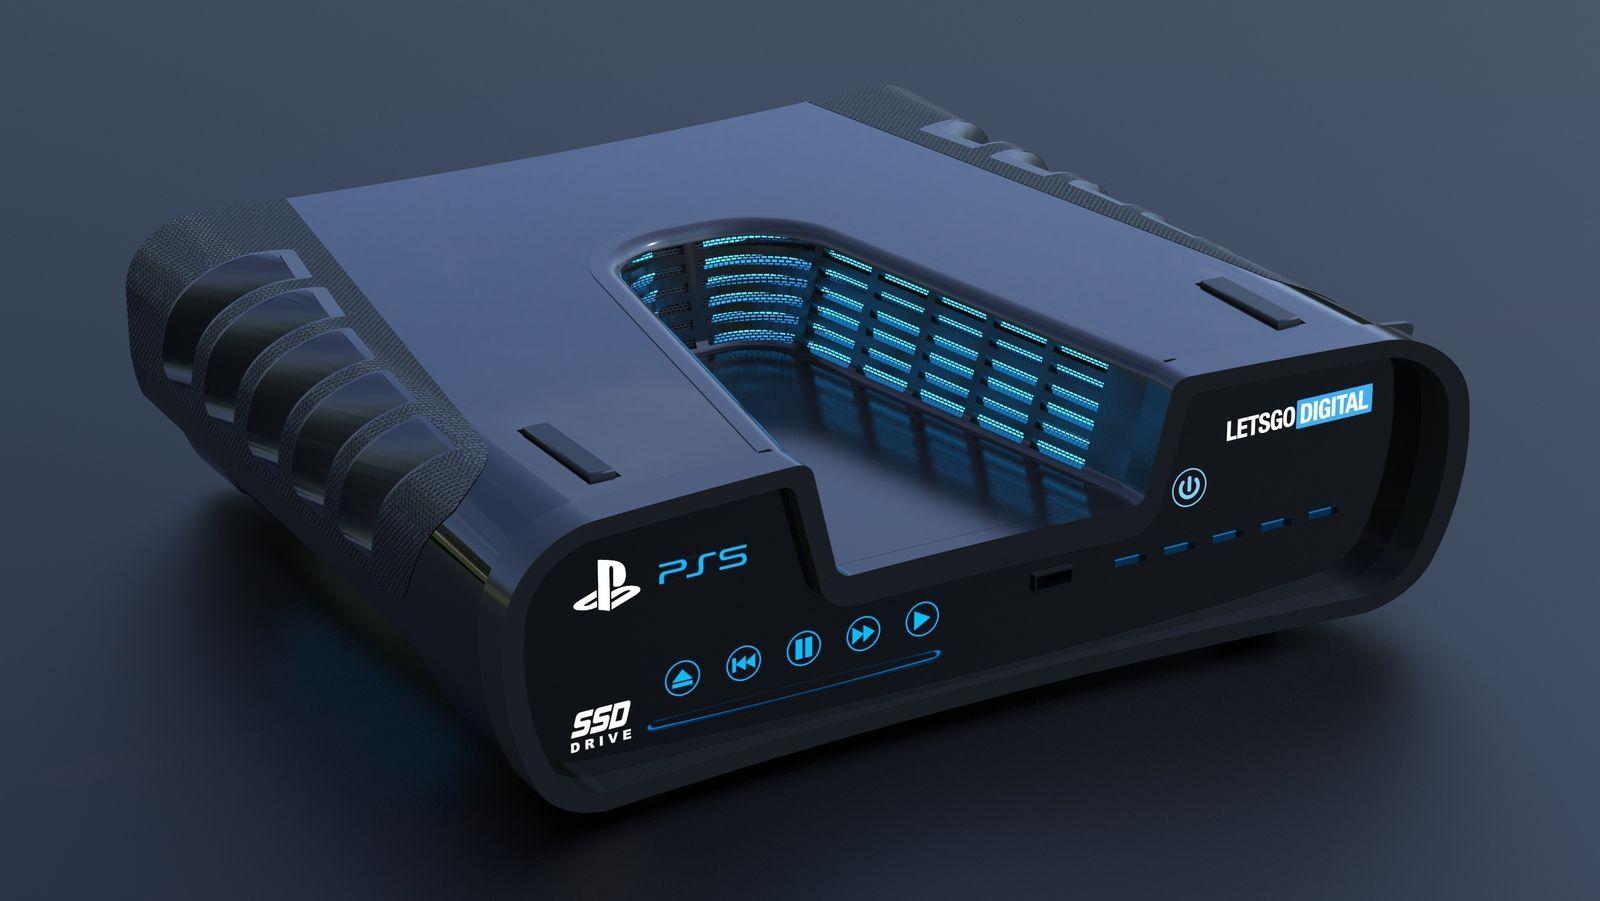 Omtrent slik ser utviklerversjonen av Playstation 5 ut. Det endelige designet er ikke offentliggjort ennå.